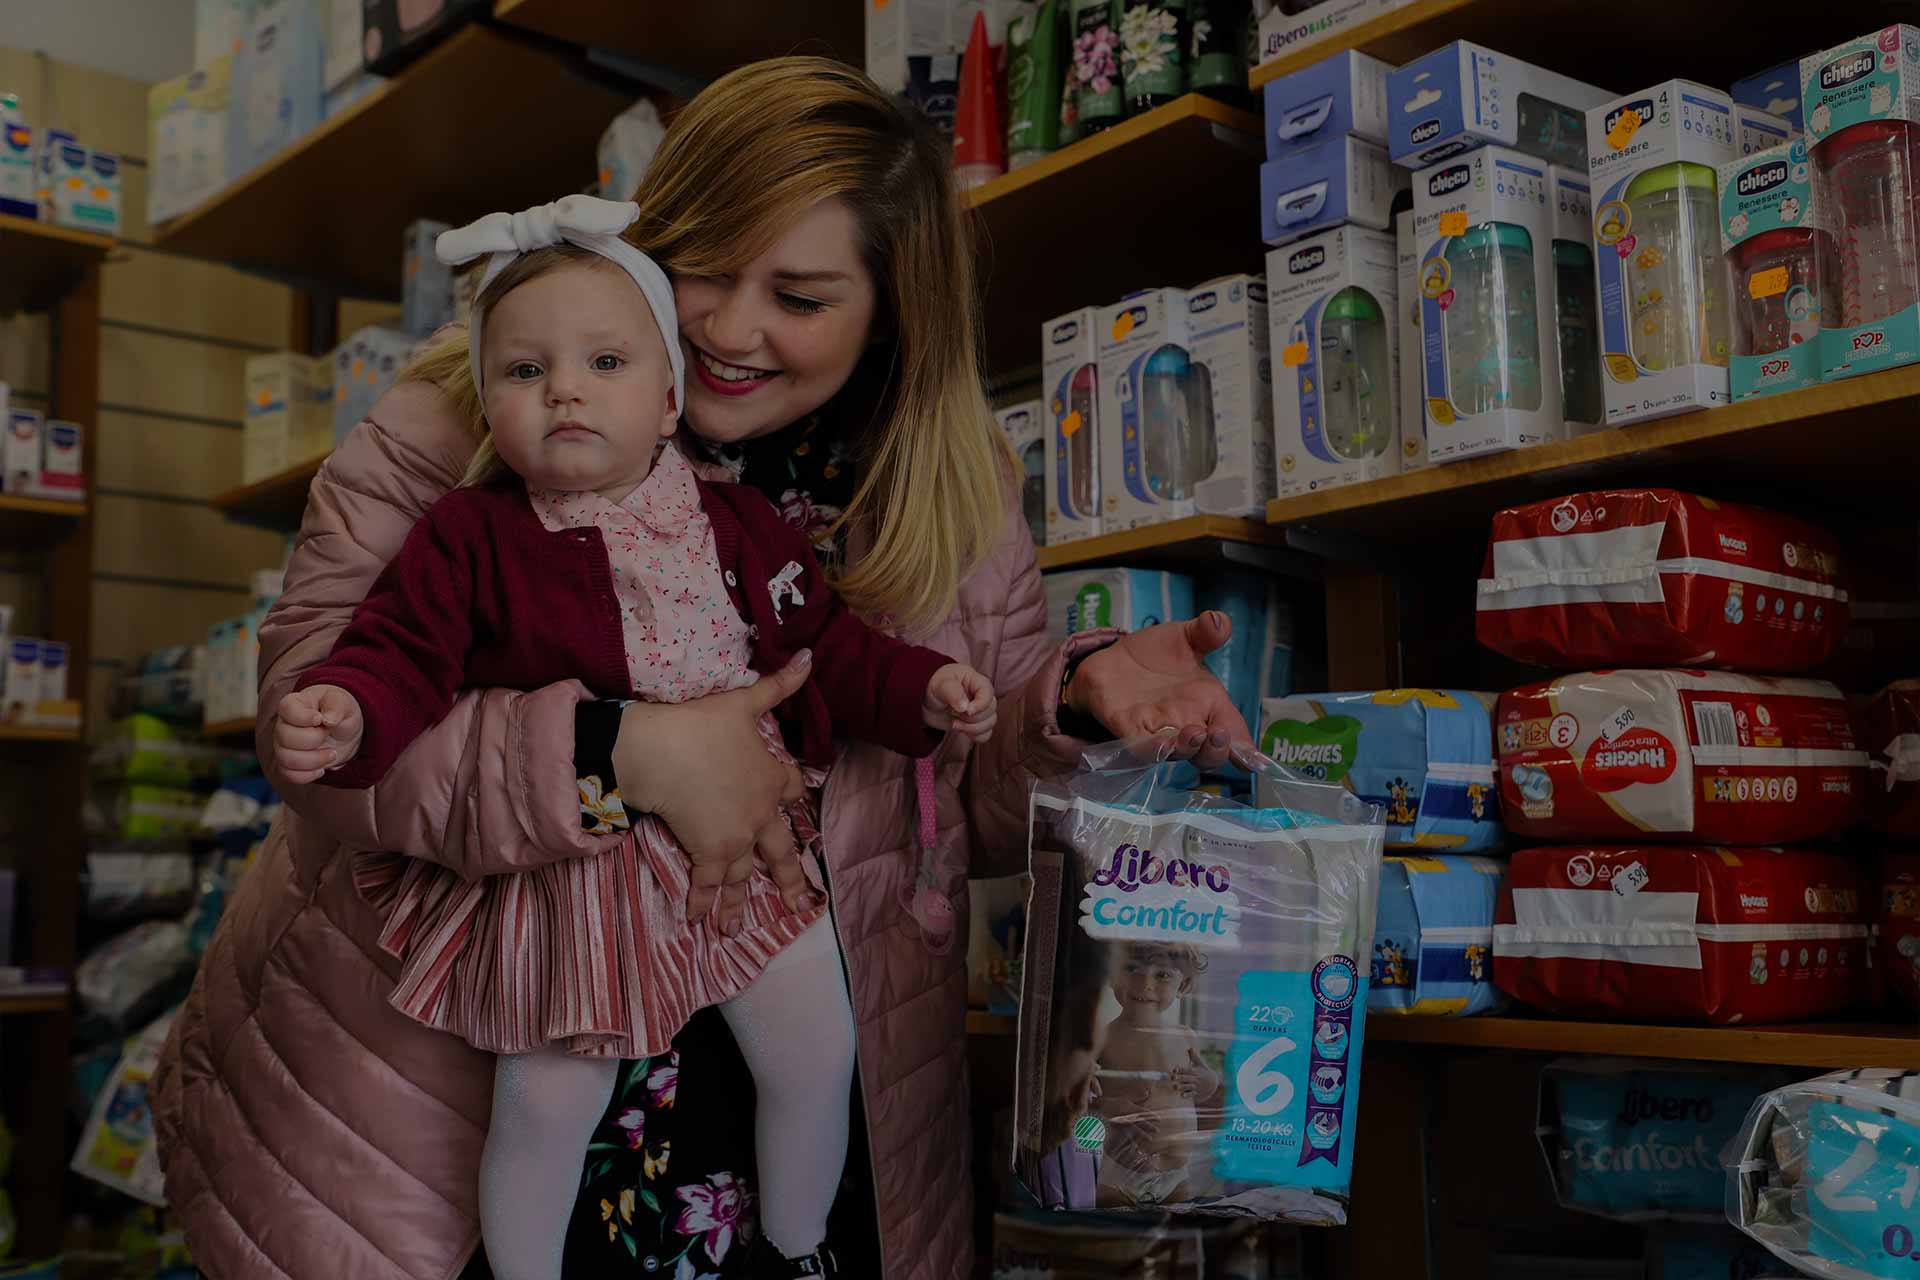 Mother & Baby Ladipsoli